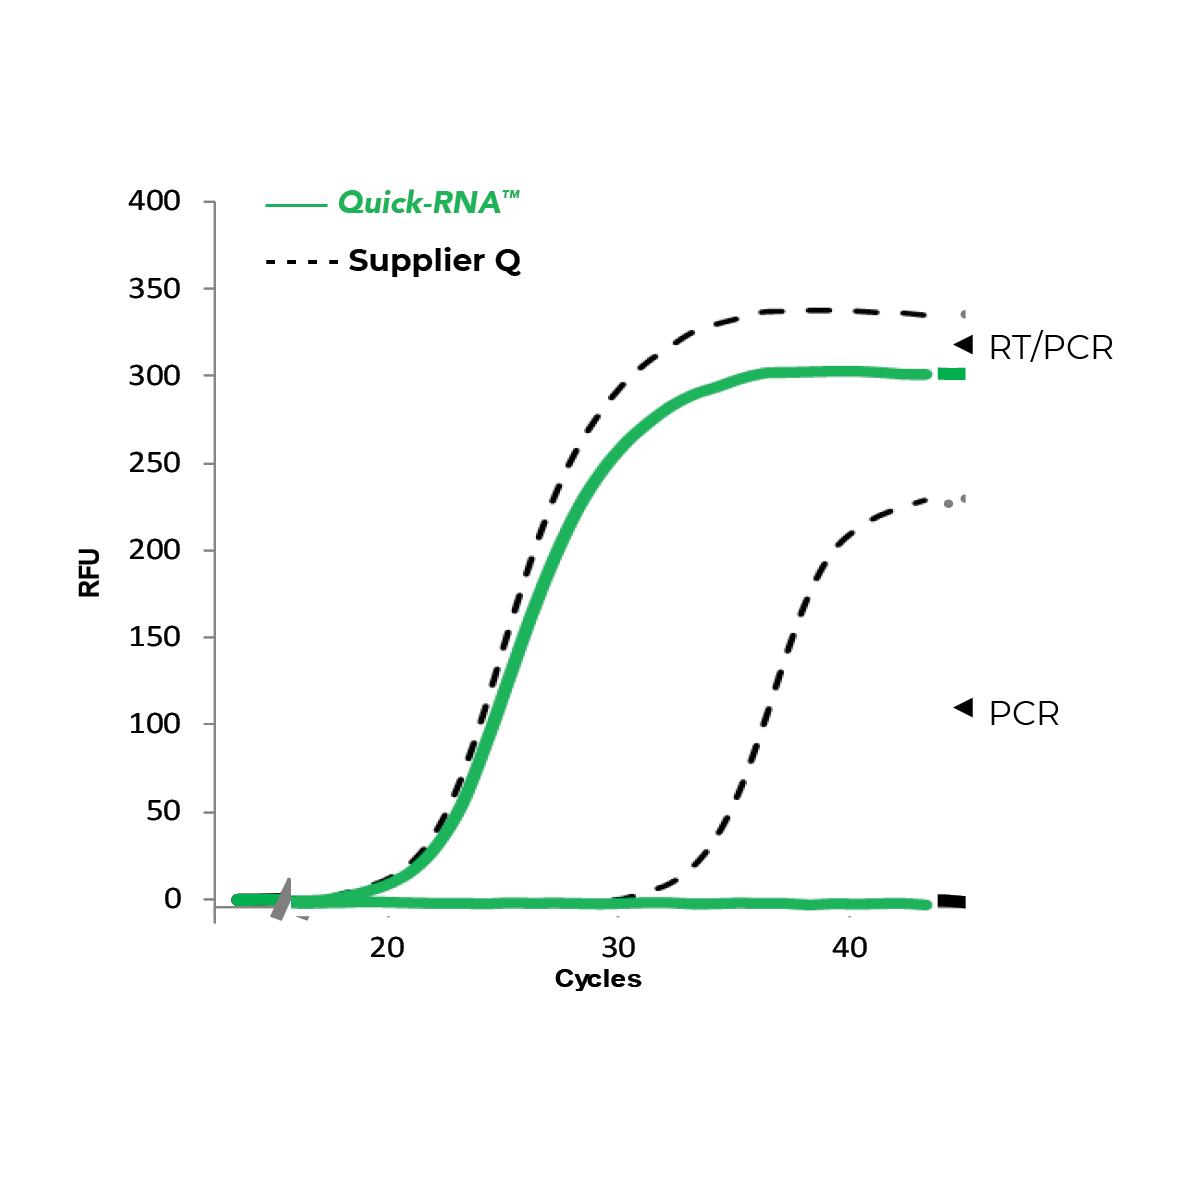 RNA comparison graph